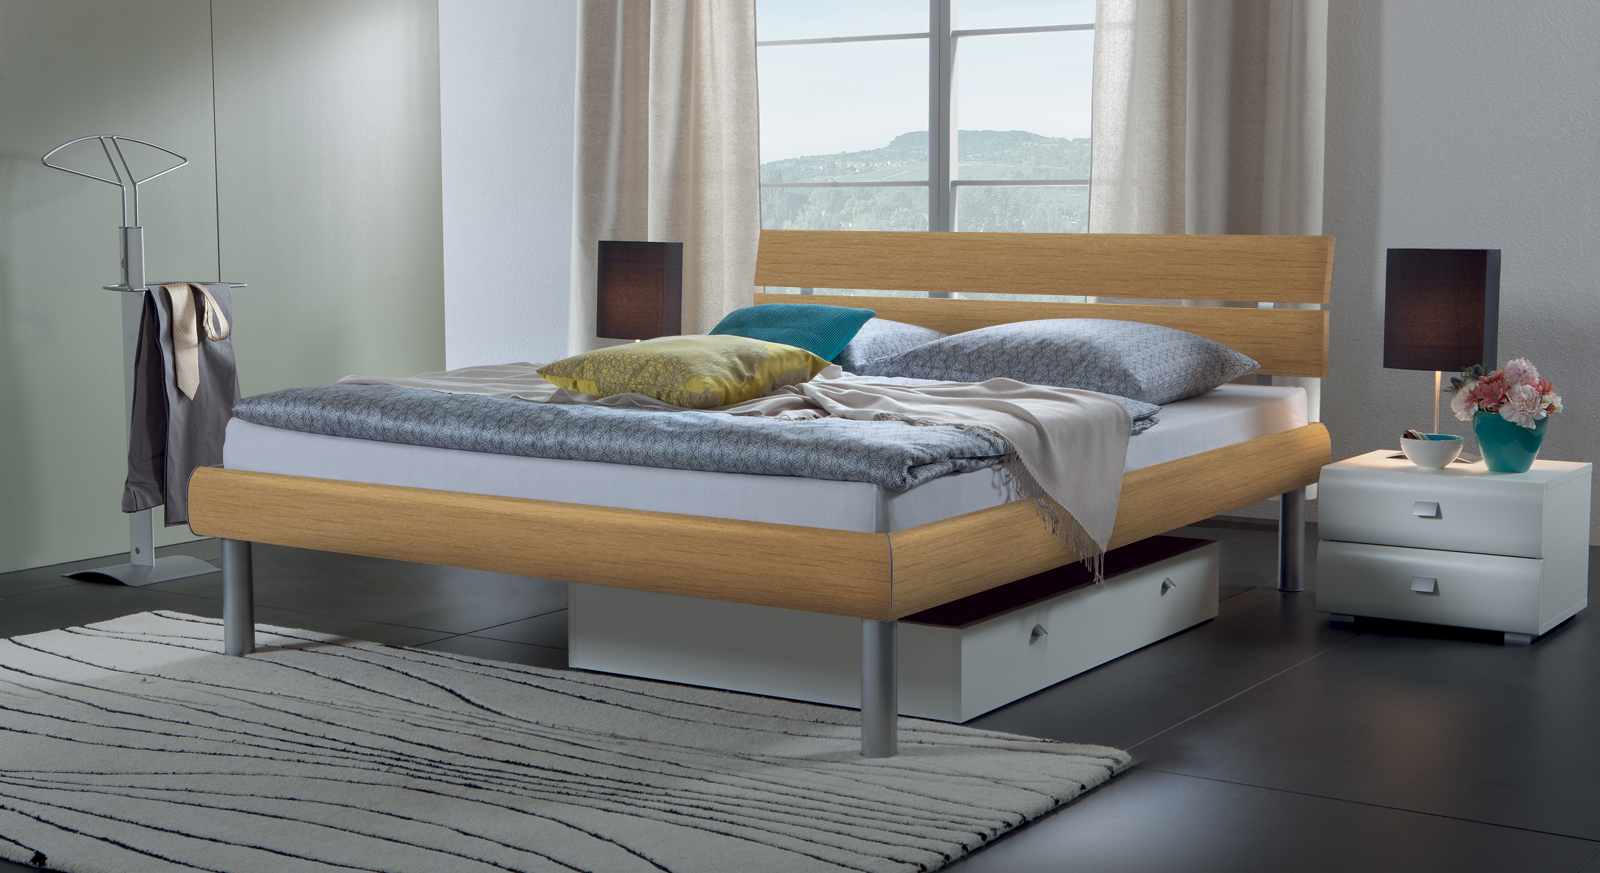 Bett Diego in Buche, Bettbeine in alufarben.